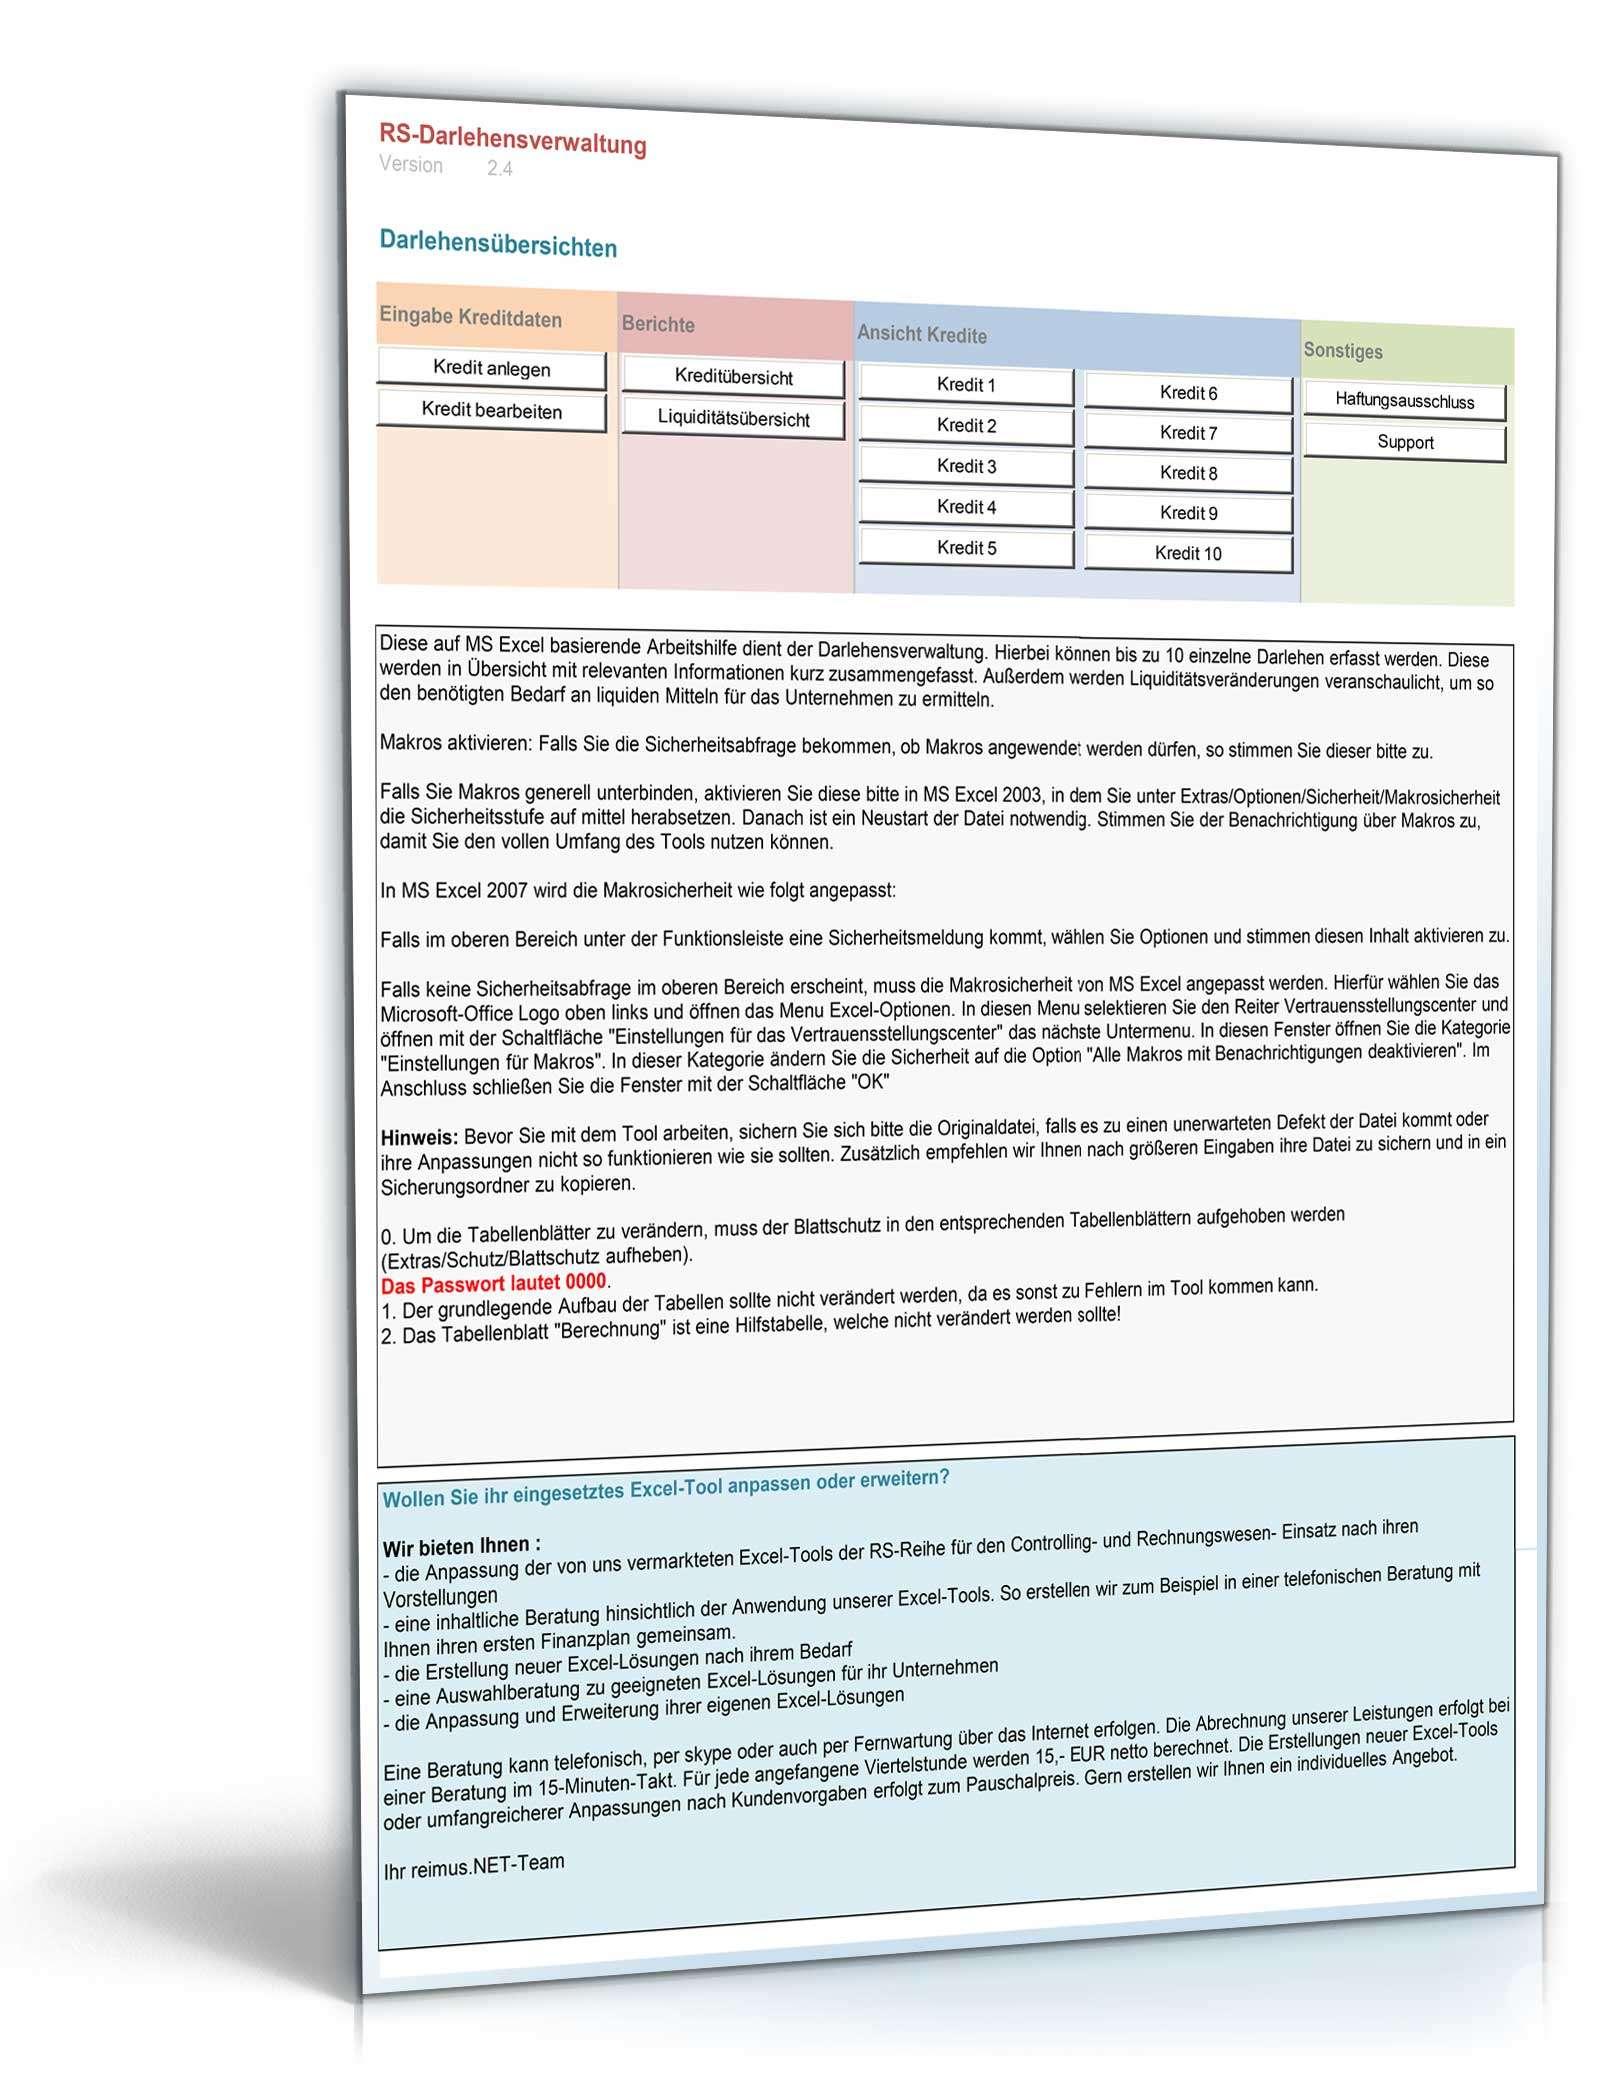 Darlehensverwaltung Vorlage Zum Download